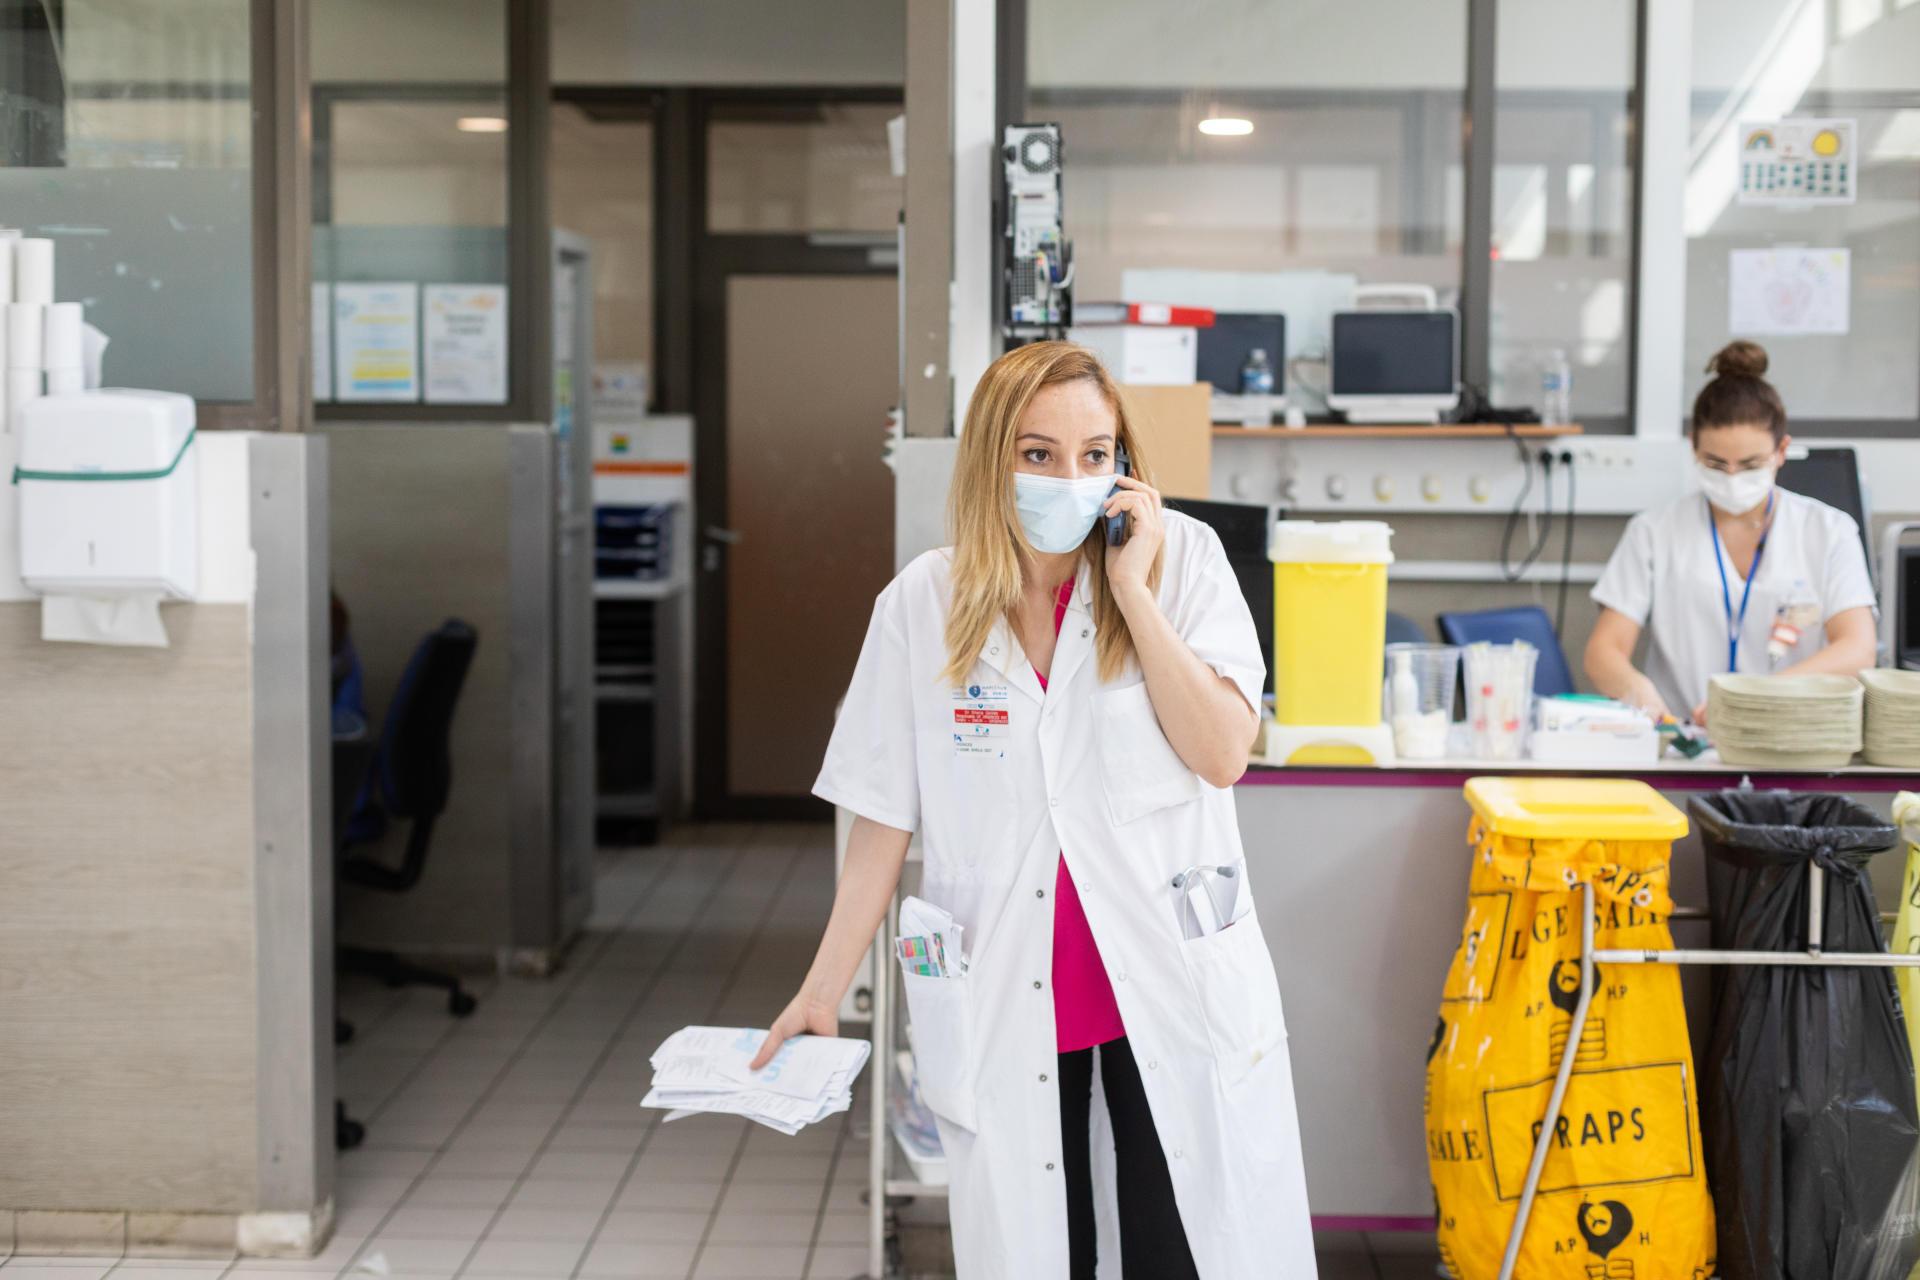 Sheila Gasmi, médecin urgentiste chef d'unité des urgences, au téléphone pour essayer de transférer un patient dans un service.